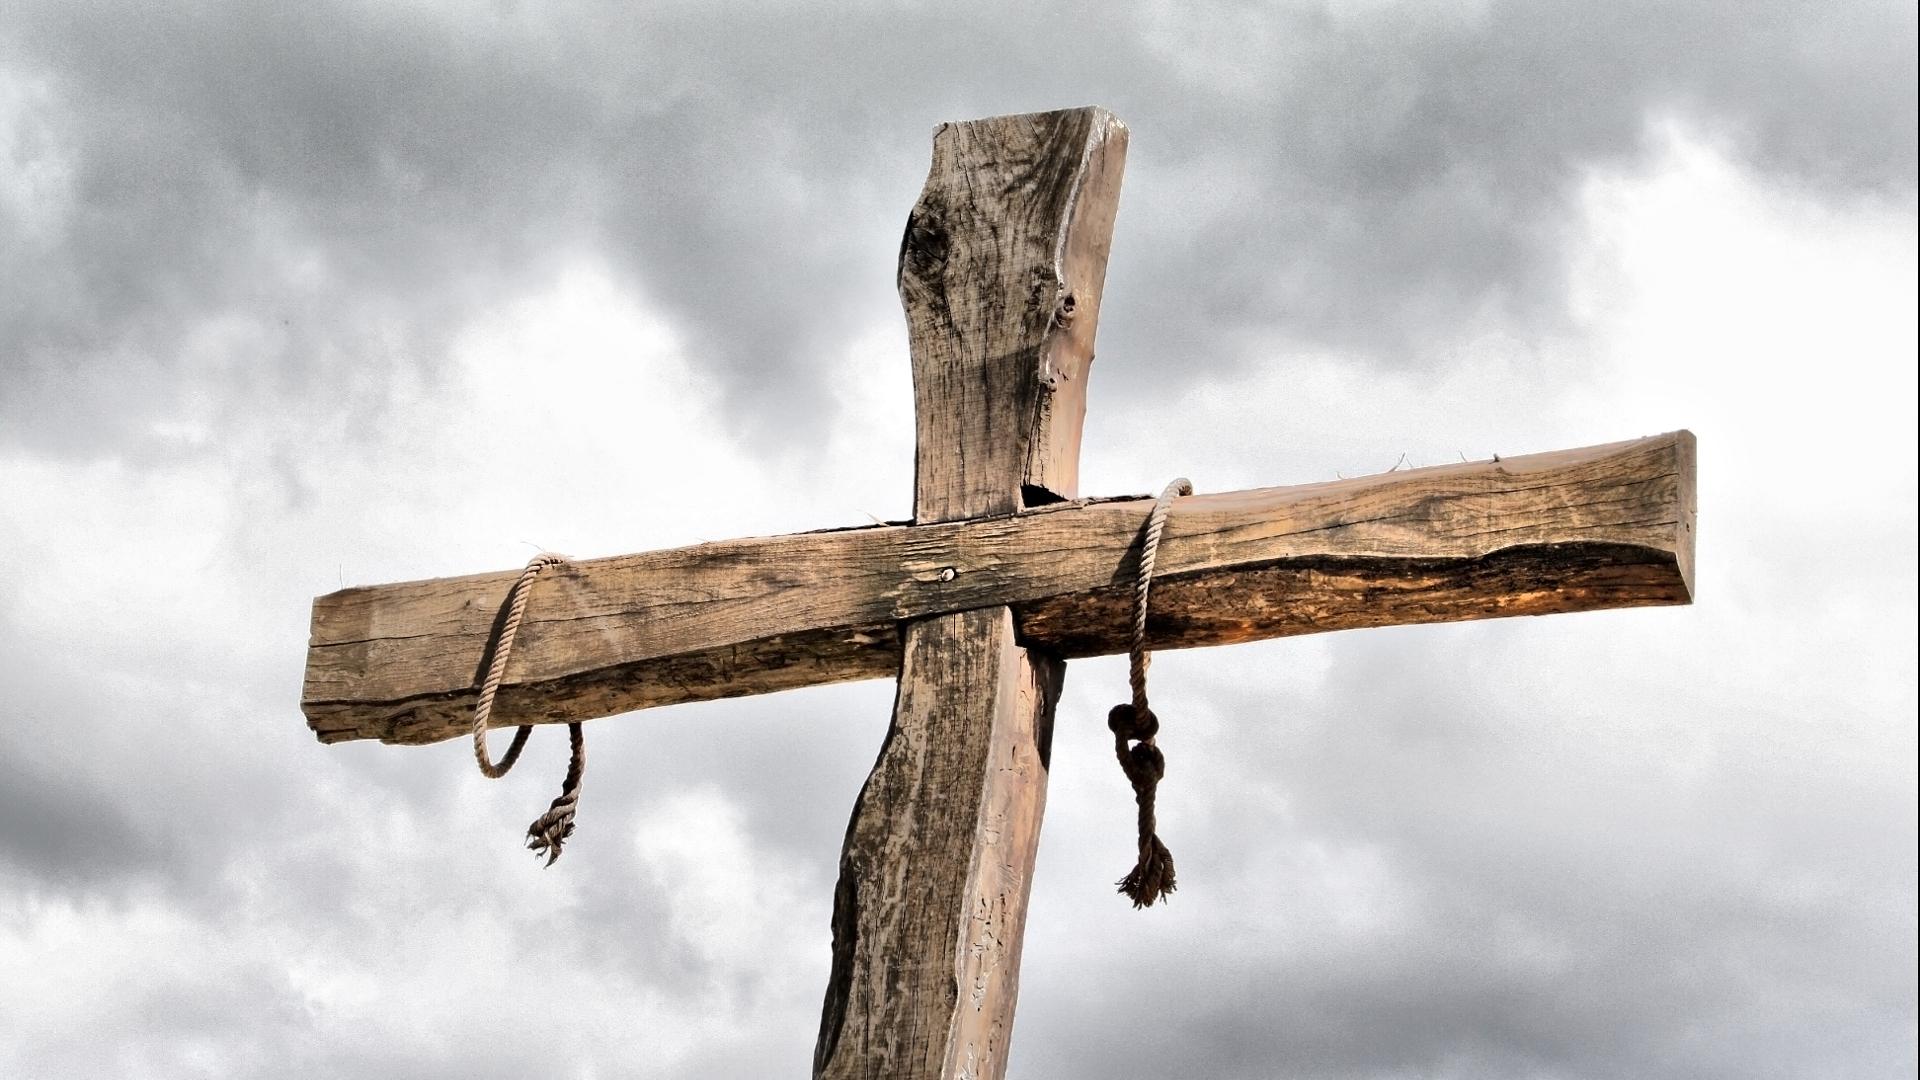 il maligno e la redenzione attraverso la croce